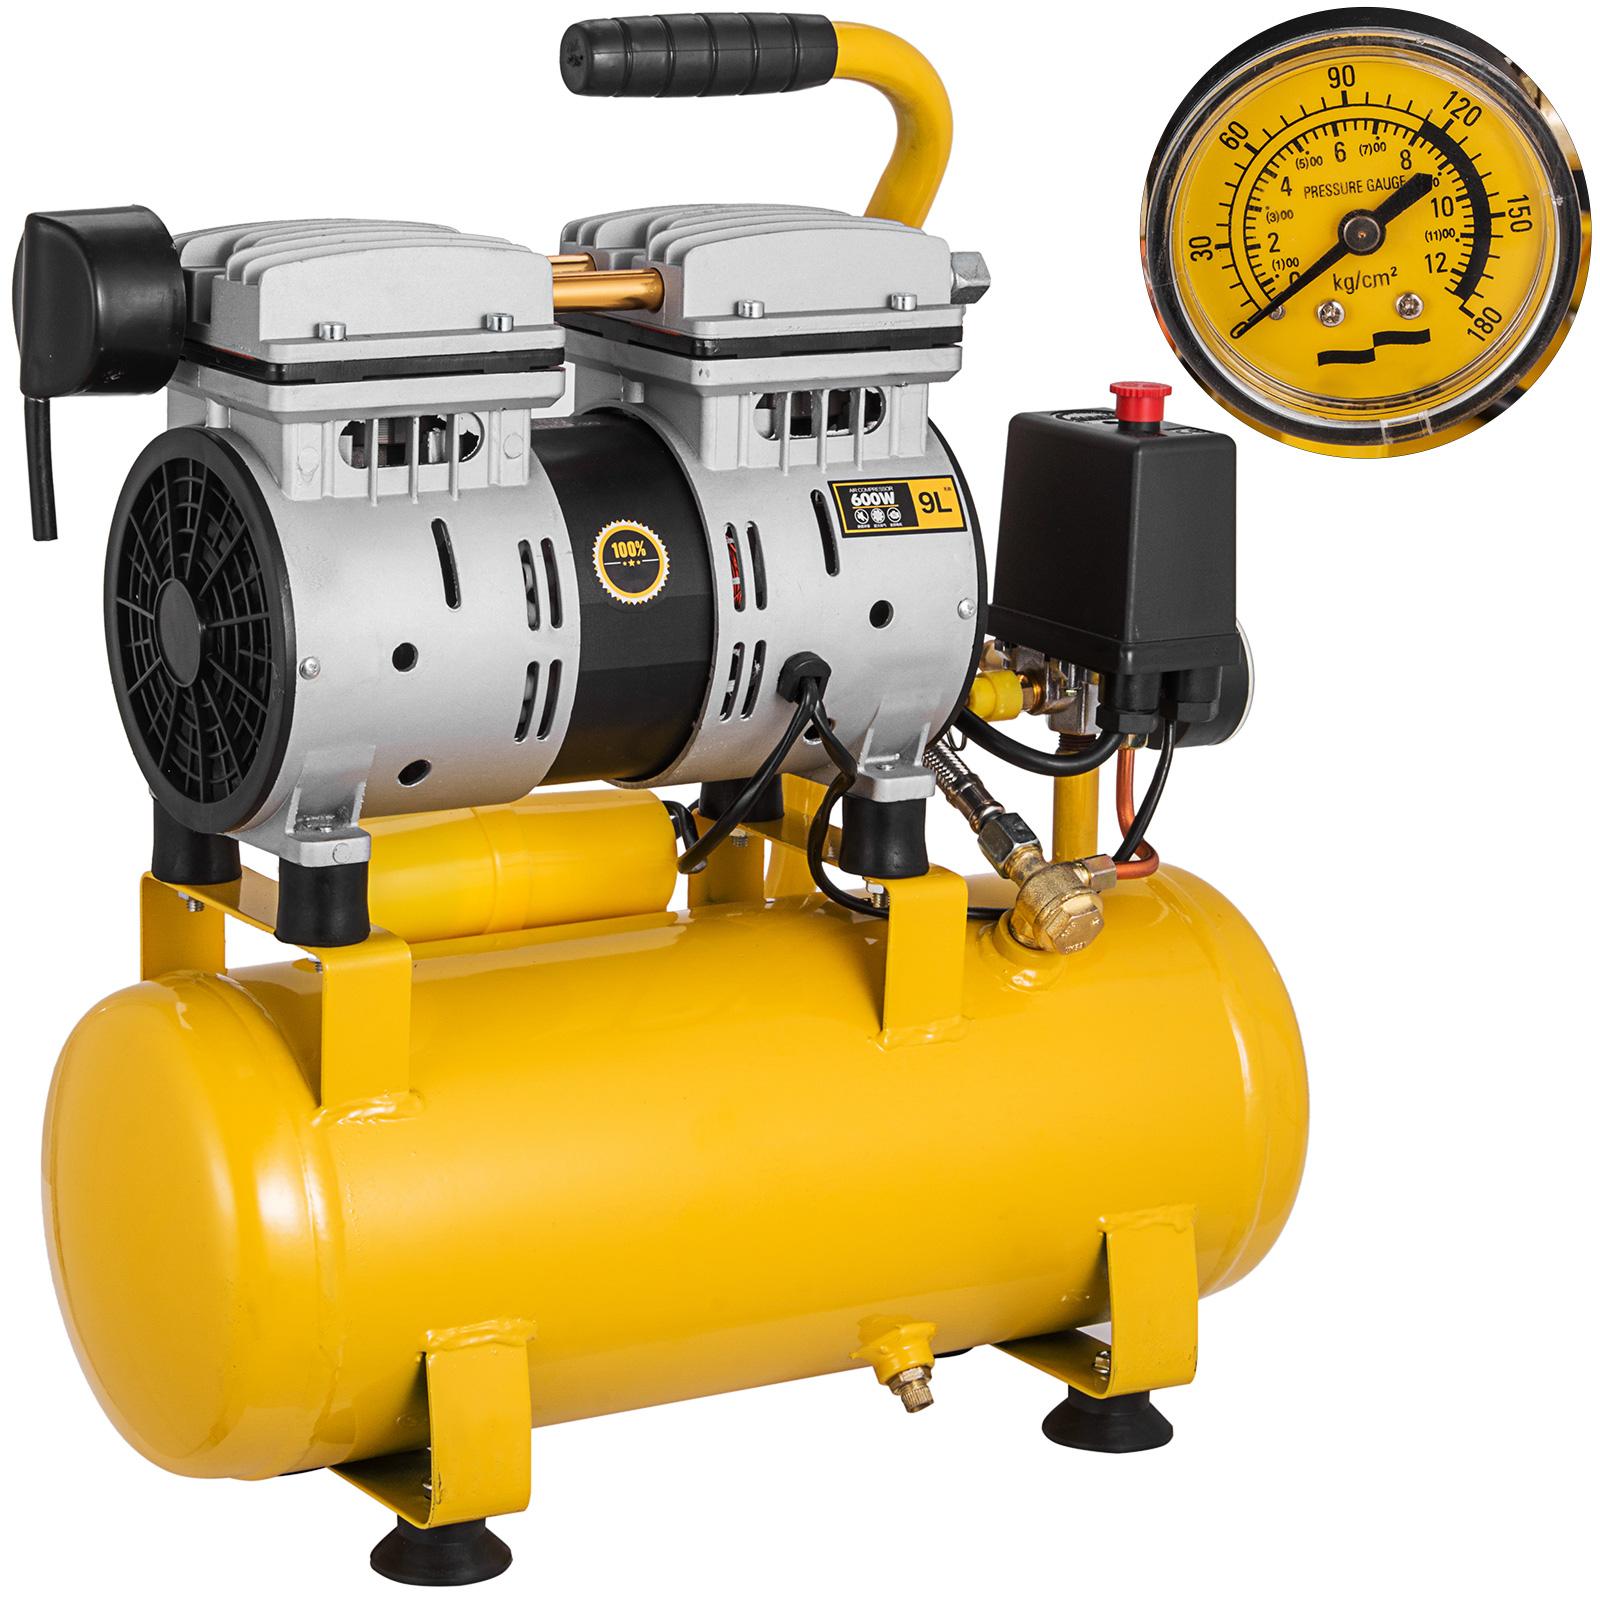 Druckluft Gerät Lufterzeuger 1,5 PS 10 bar 12 L 1100 W Kompressor ölfrei